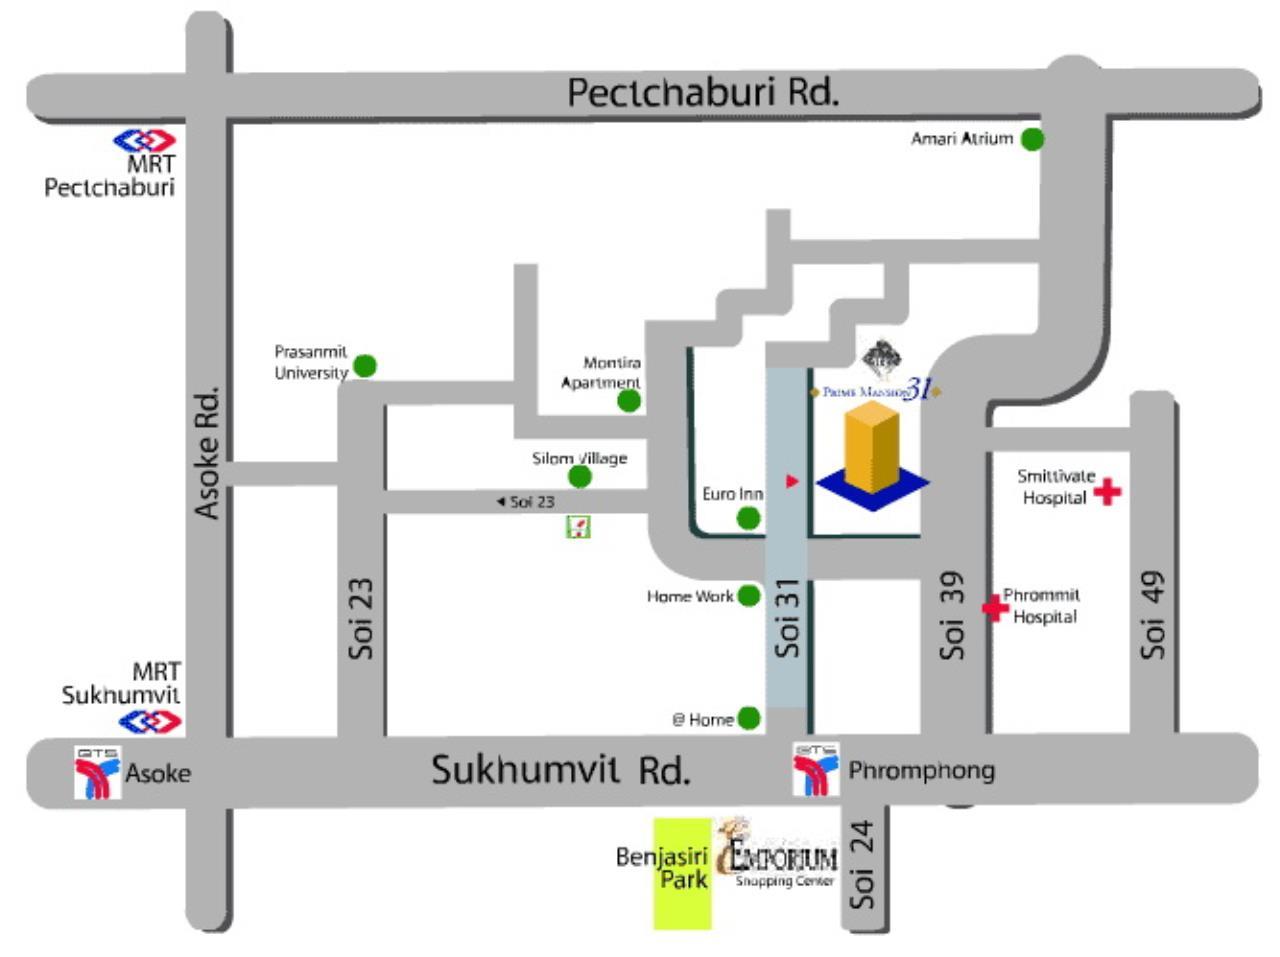 You Estate Agency's sale or rent 52000 area 80 sq.m 2 bed Prime Mansion sukhumvit 31 11